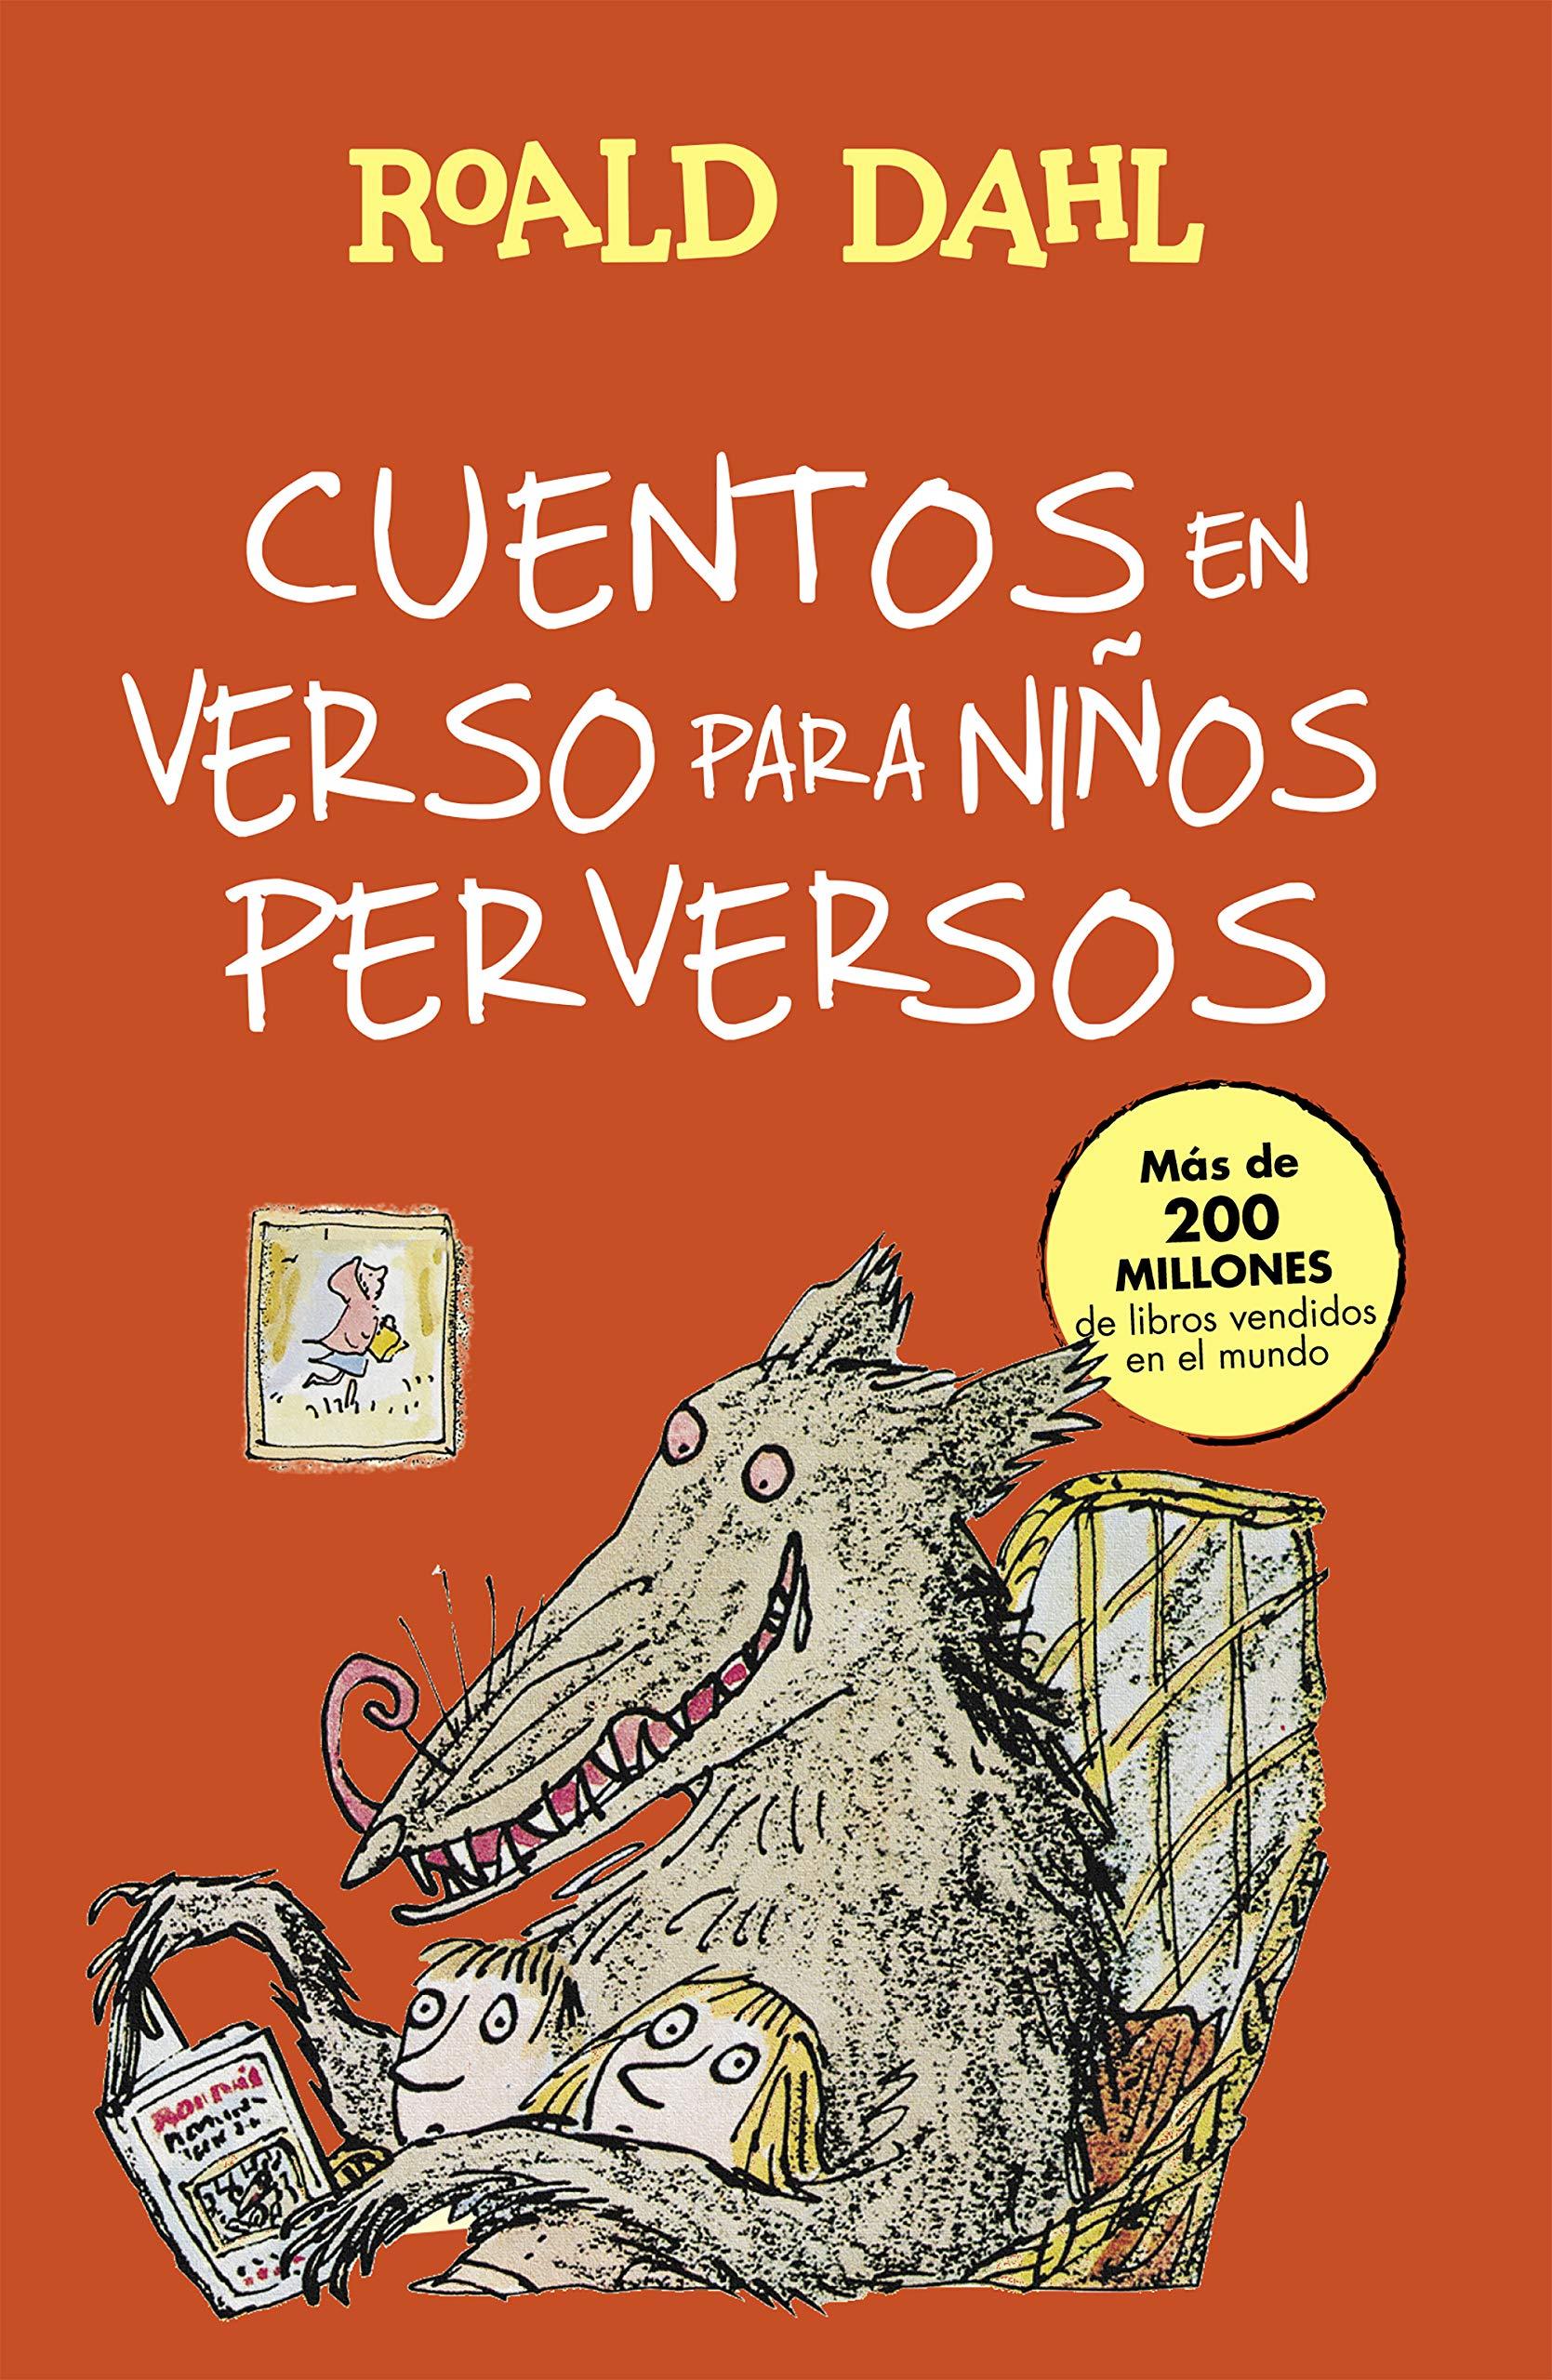 Cuentos en verso para niños perversos Colección Alfaguara Clásicos: Amazon.es: Dahl, Roald: Libros